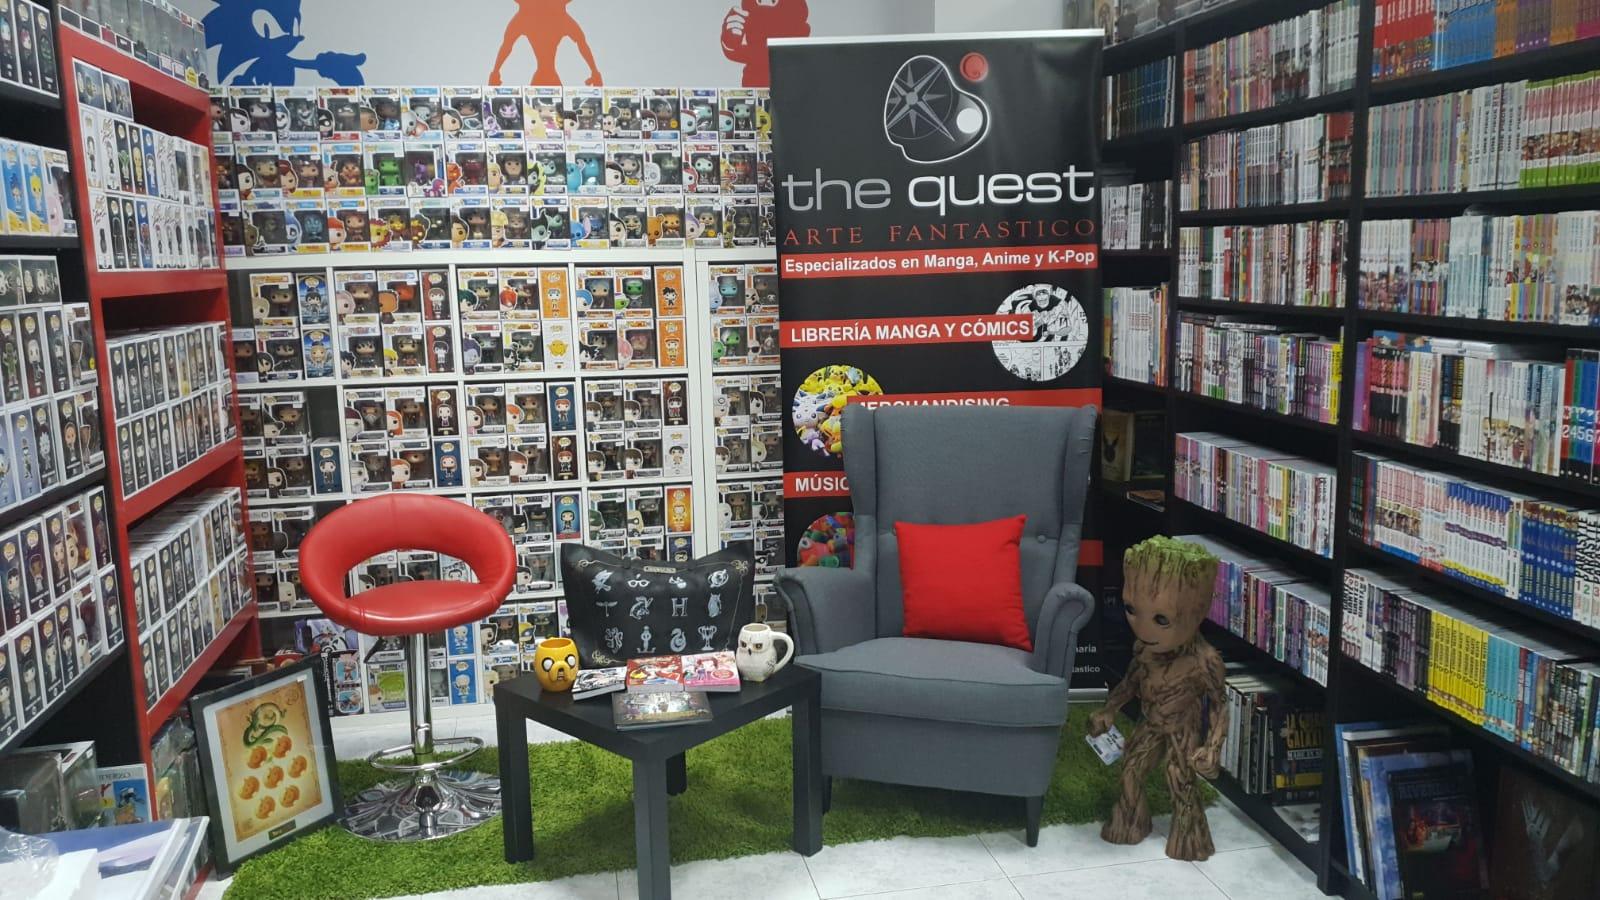 The Quest Arte Fantástico